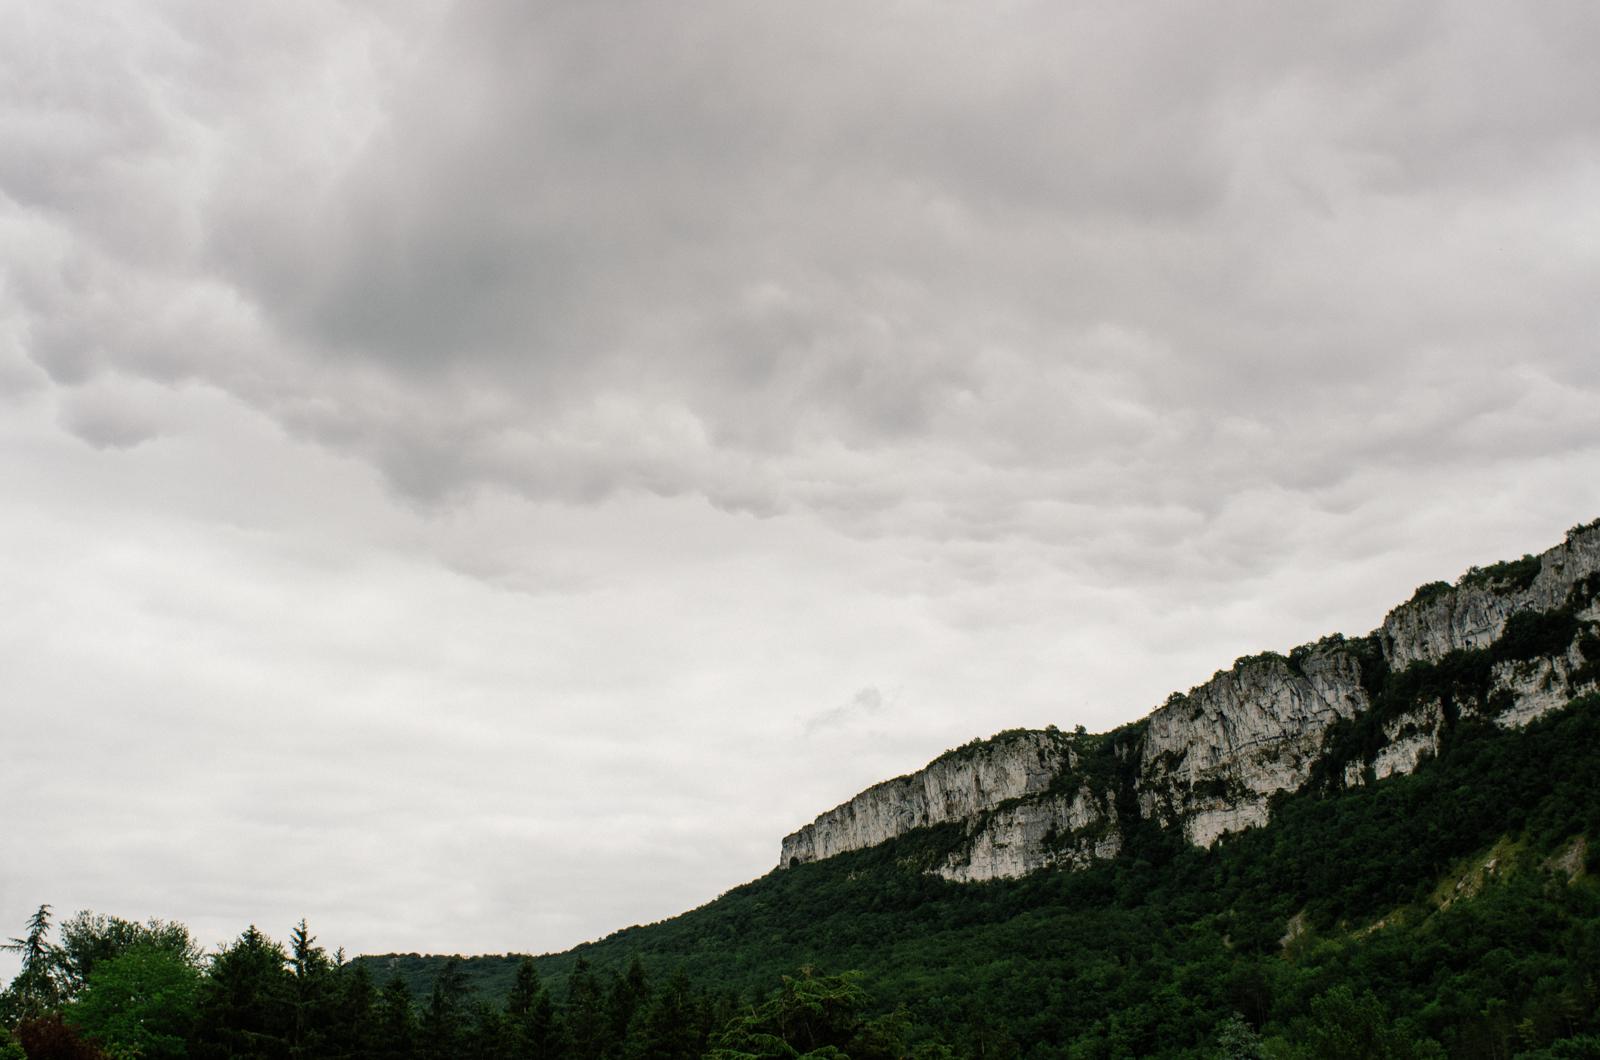 Randonnée dans les gorges de l'Aveyron sur le GR46 - Ciel aveyronnais